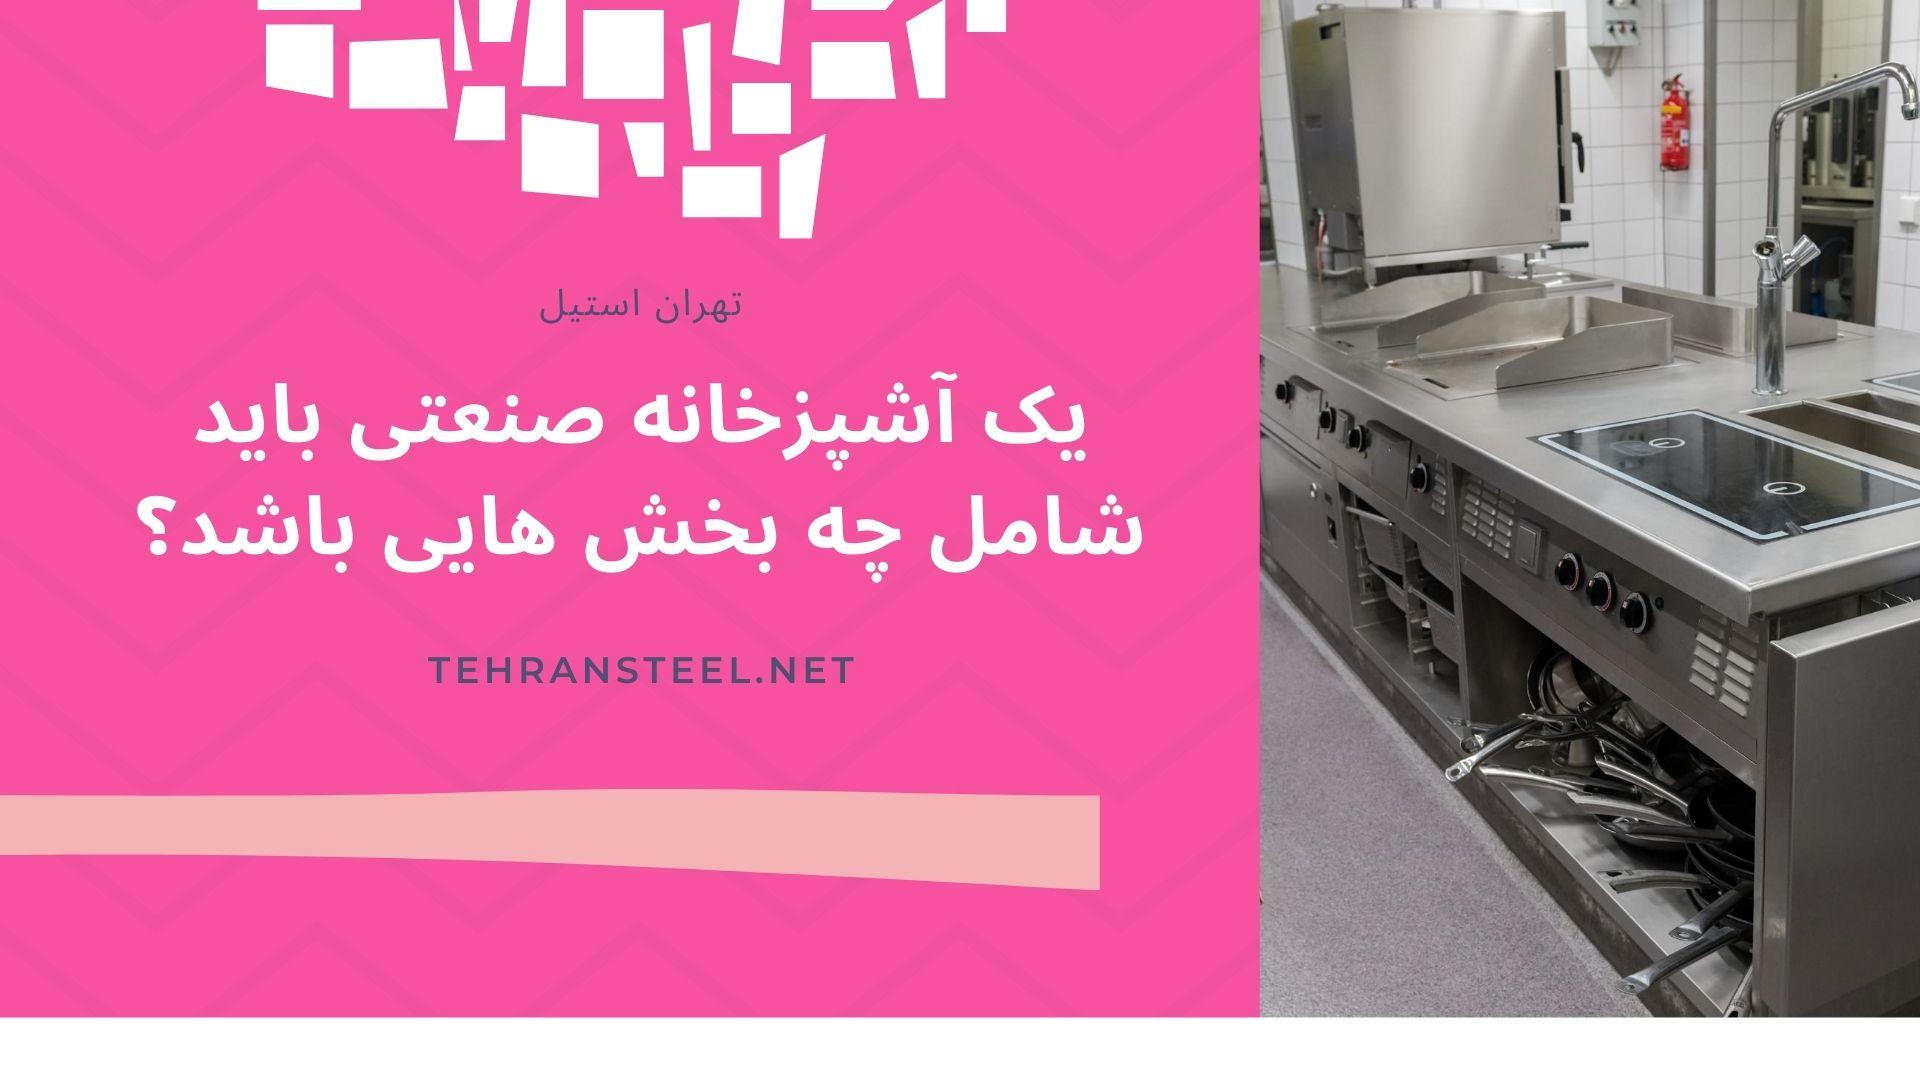 یک آشپزخانه صنعتی باید شامل چه بخش هایی باشد؟